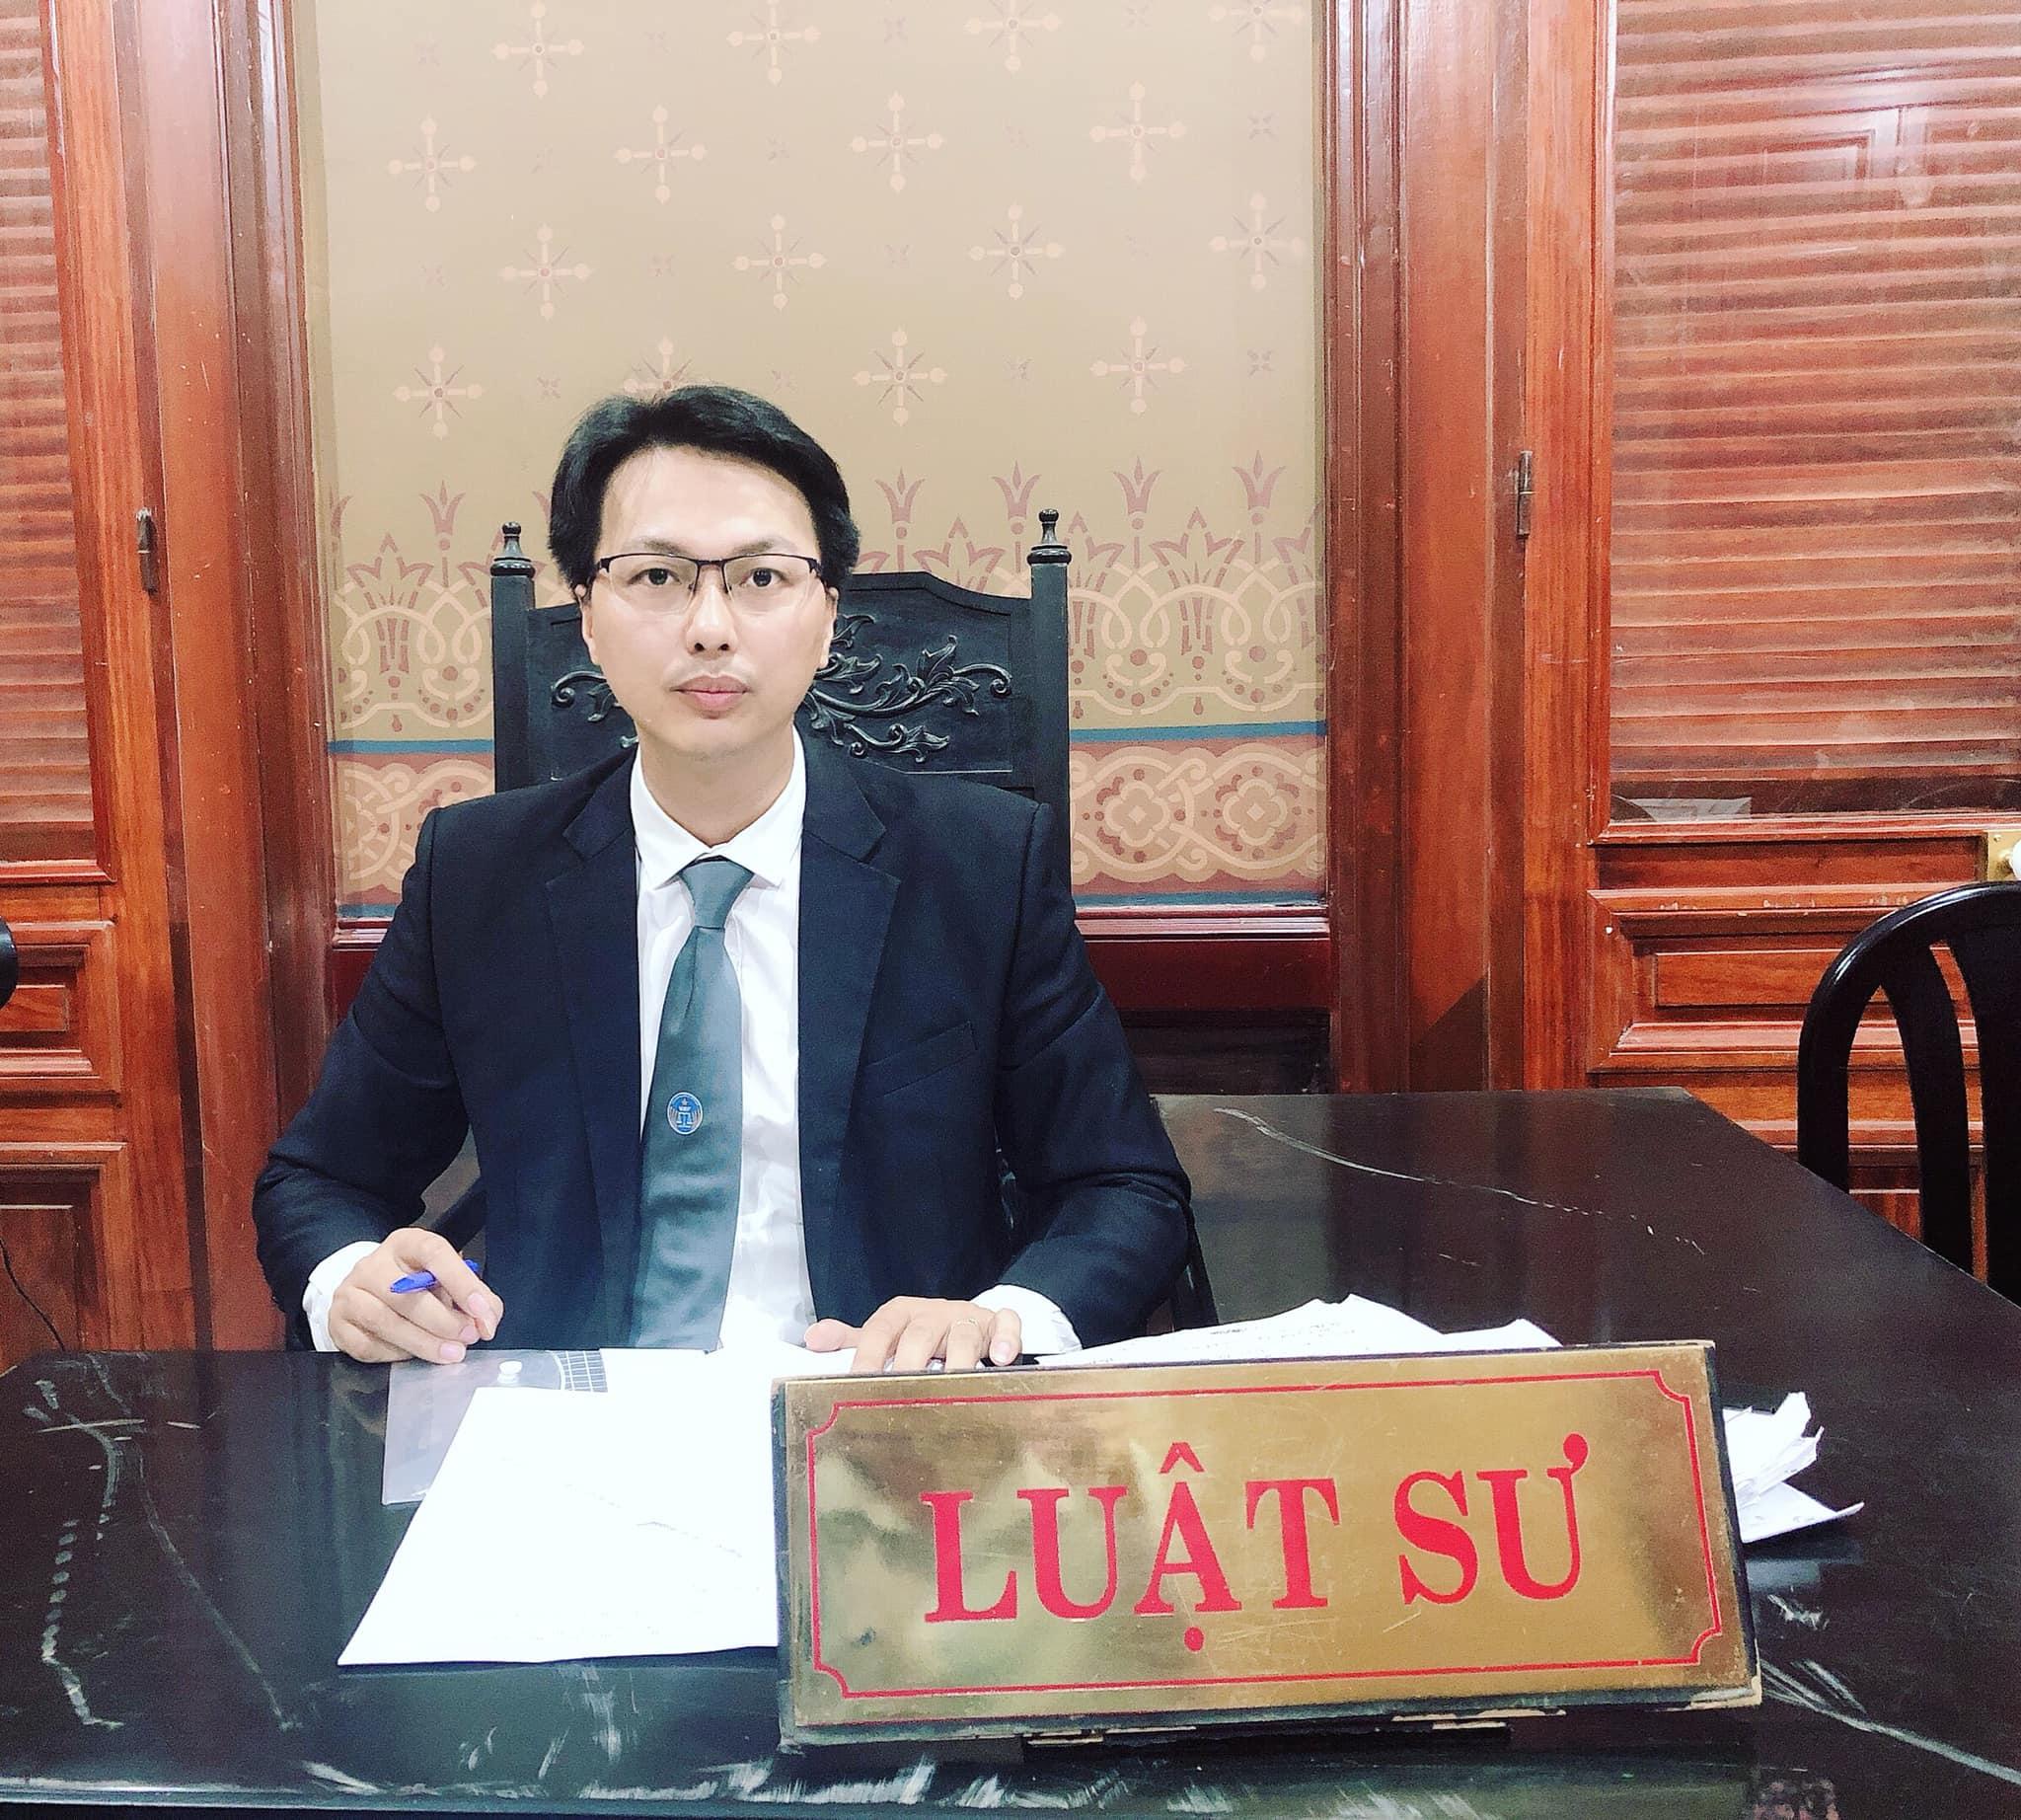 Nữ sinh tổ chức cho người Trung Quốc nhập cảnh trái phép ở Hà Nội đối mặt với mức án nào? - Ảnh 3.